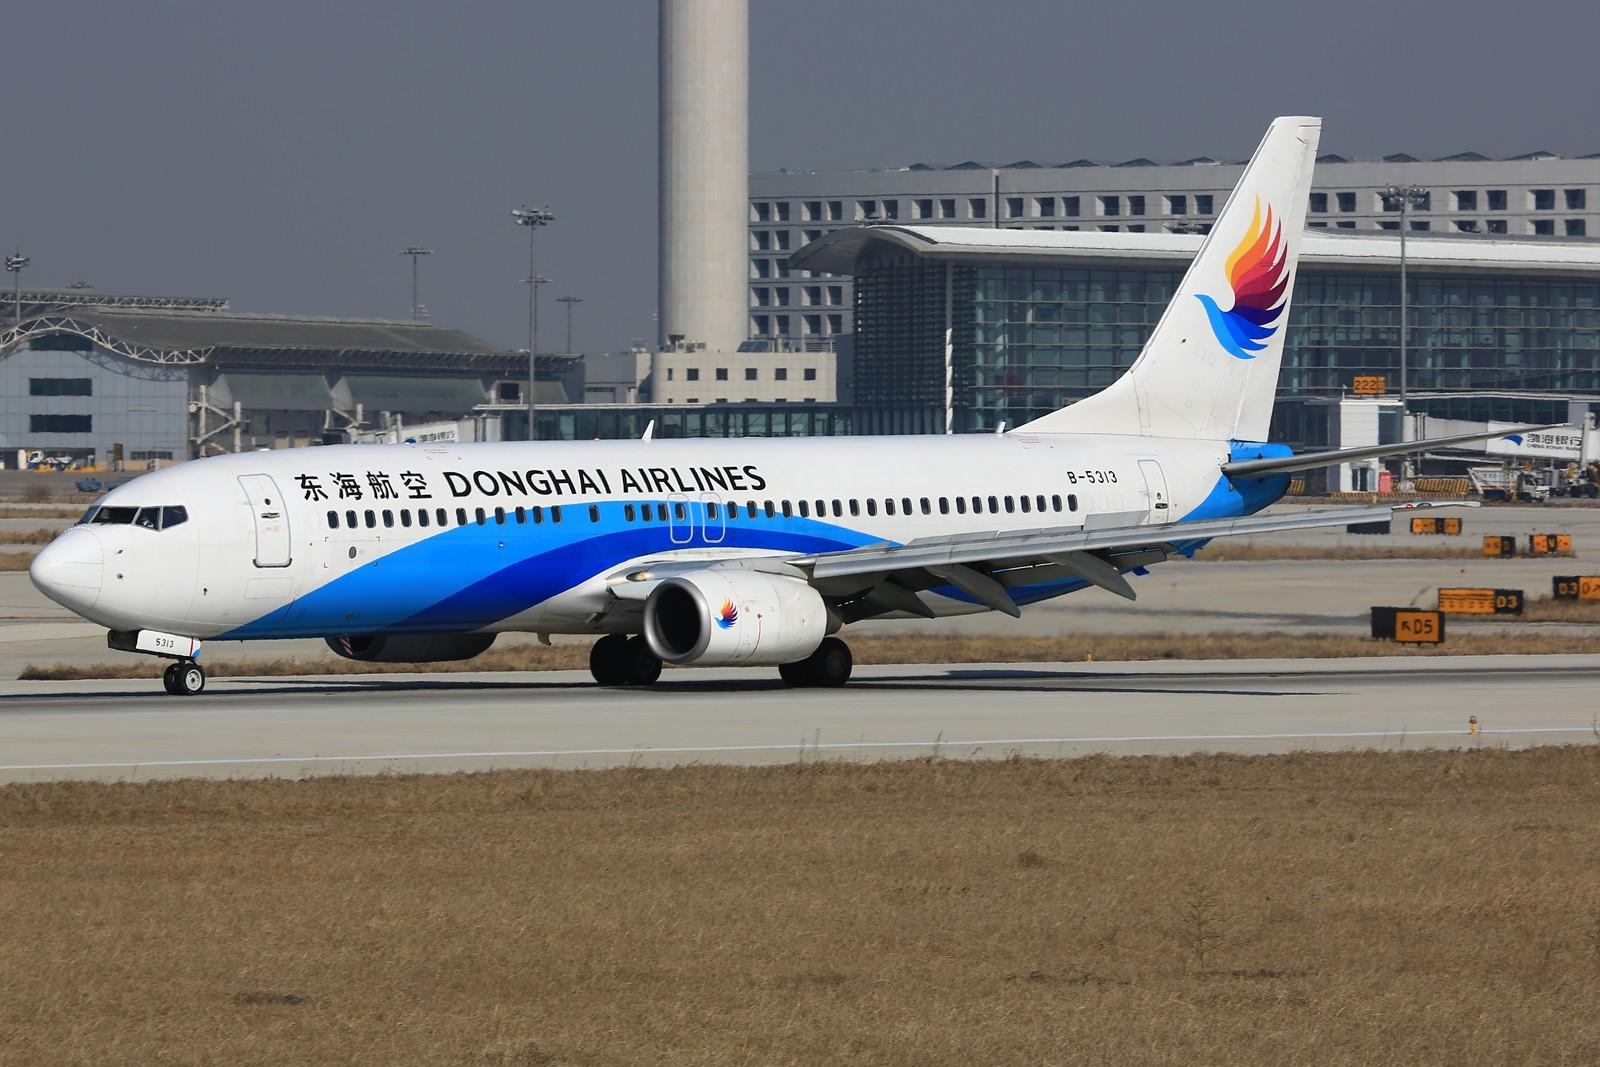 Re:[原创]【NKG】**********2015新年好!南跑25头新拍机位:华航744吉米彩绘,汉莎343,东海738********** BOEING 737-800 B-5313 中国南京禄口国际机场